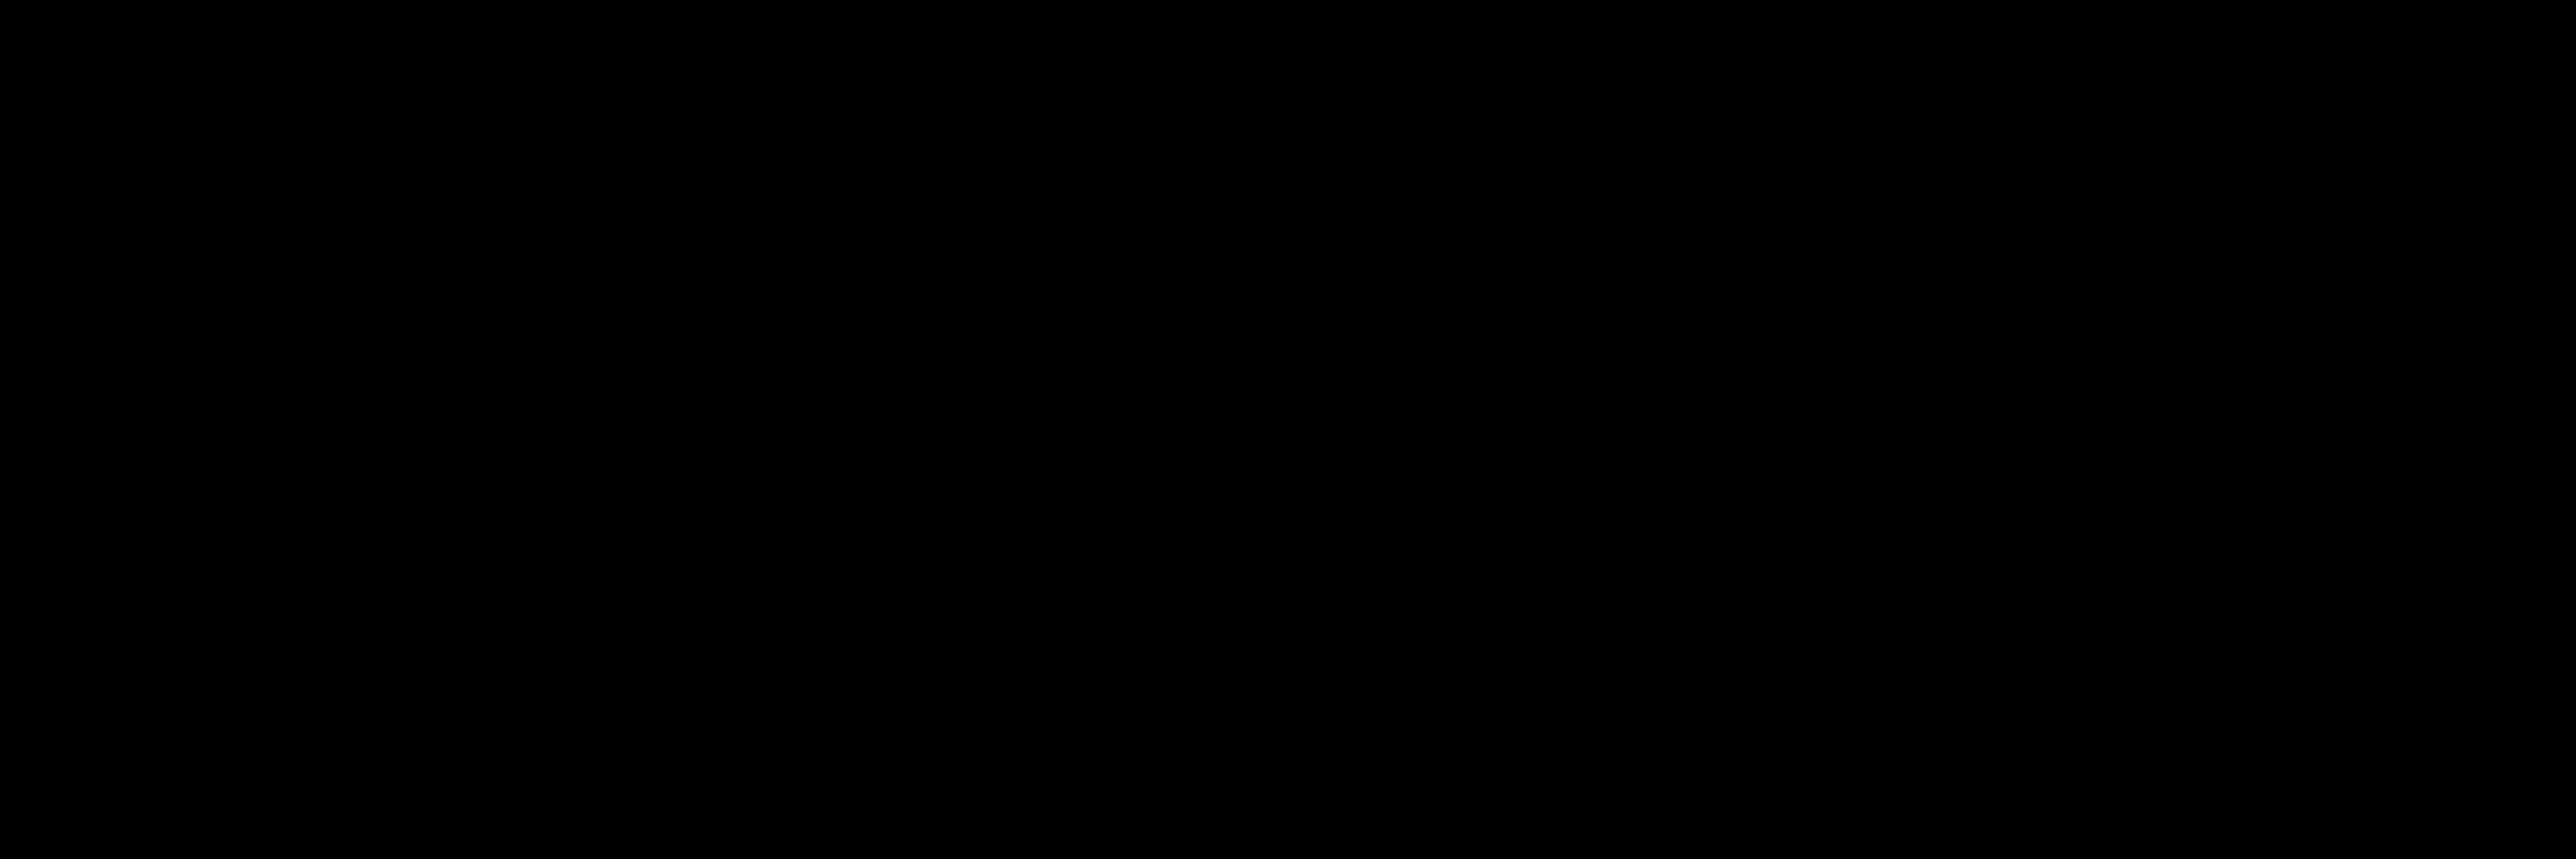 浙江嘉禾影视文化有限公司